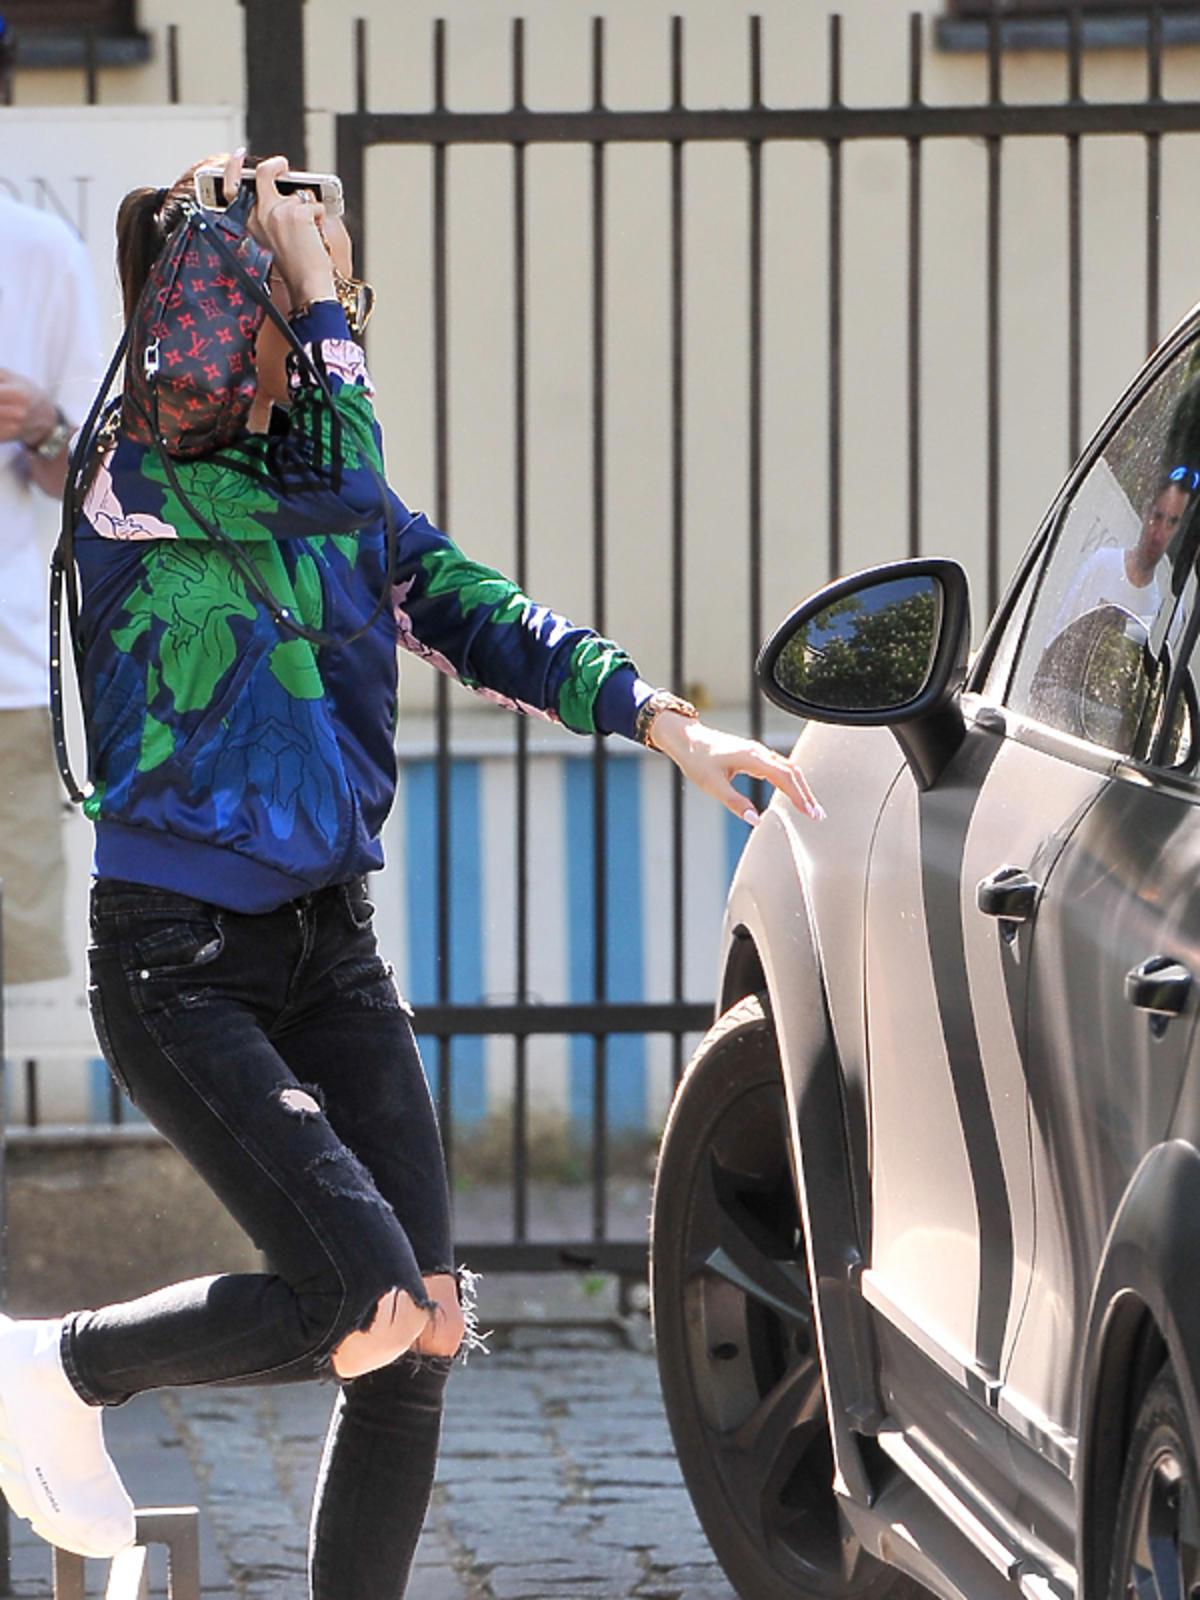 Marina wchodzi do samochodu Porsche